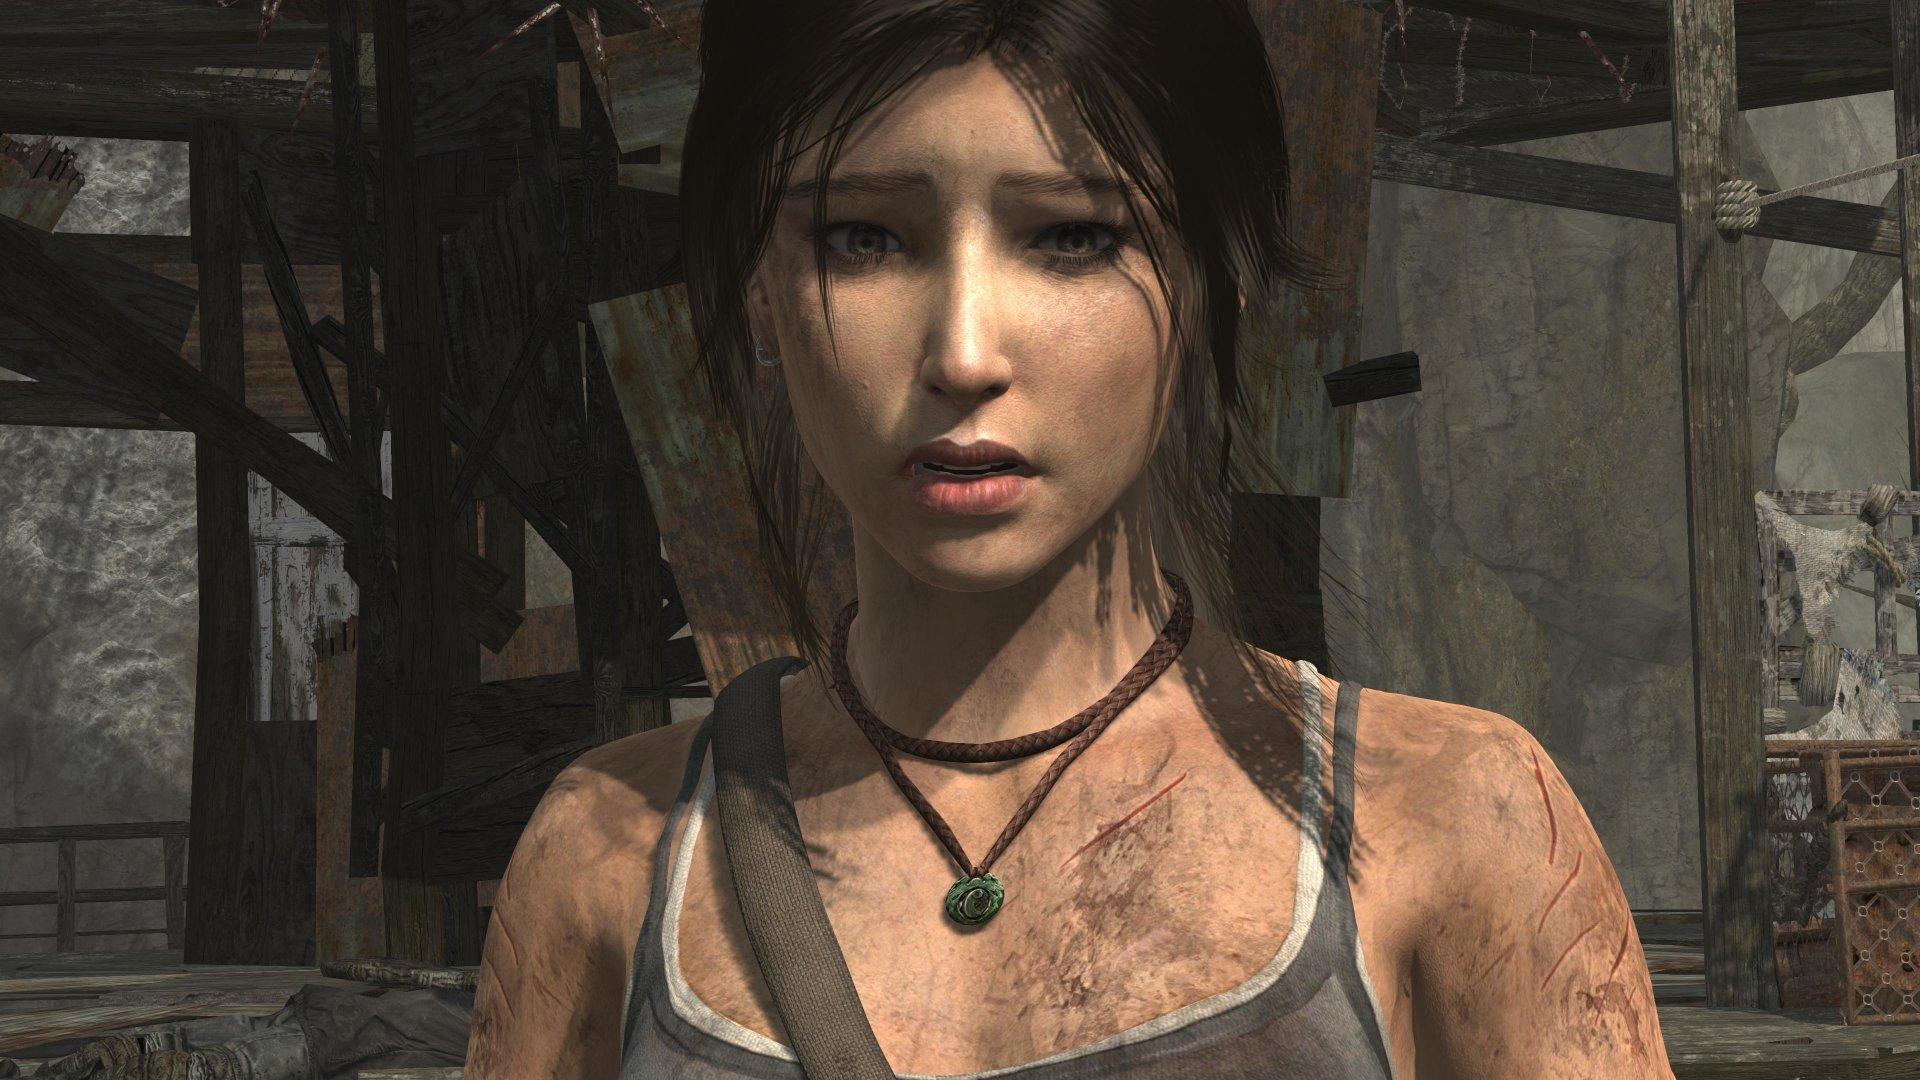 3840x2160 Lara Croft Tomb Raider Artwork 4k Hd 4k: Tomb Raider Lara Croft 3 4k Ultra HD Wallpaper